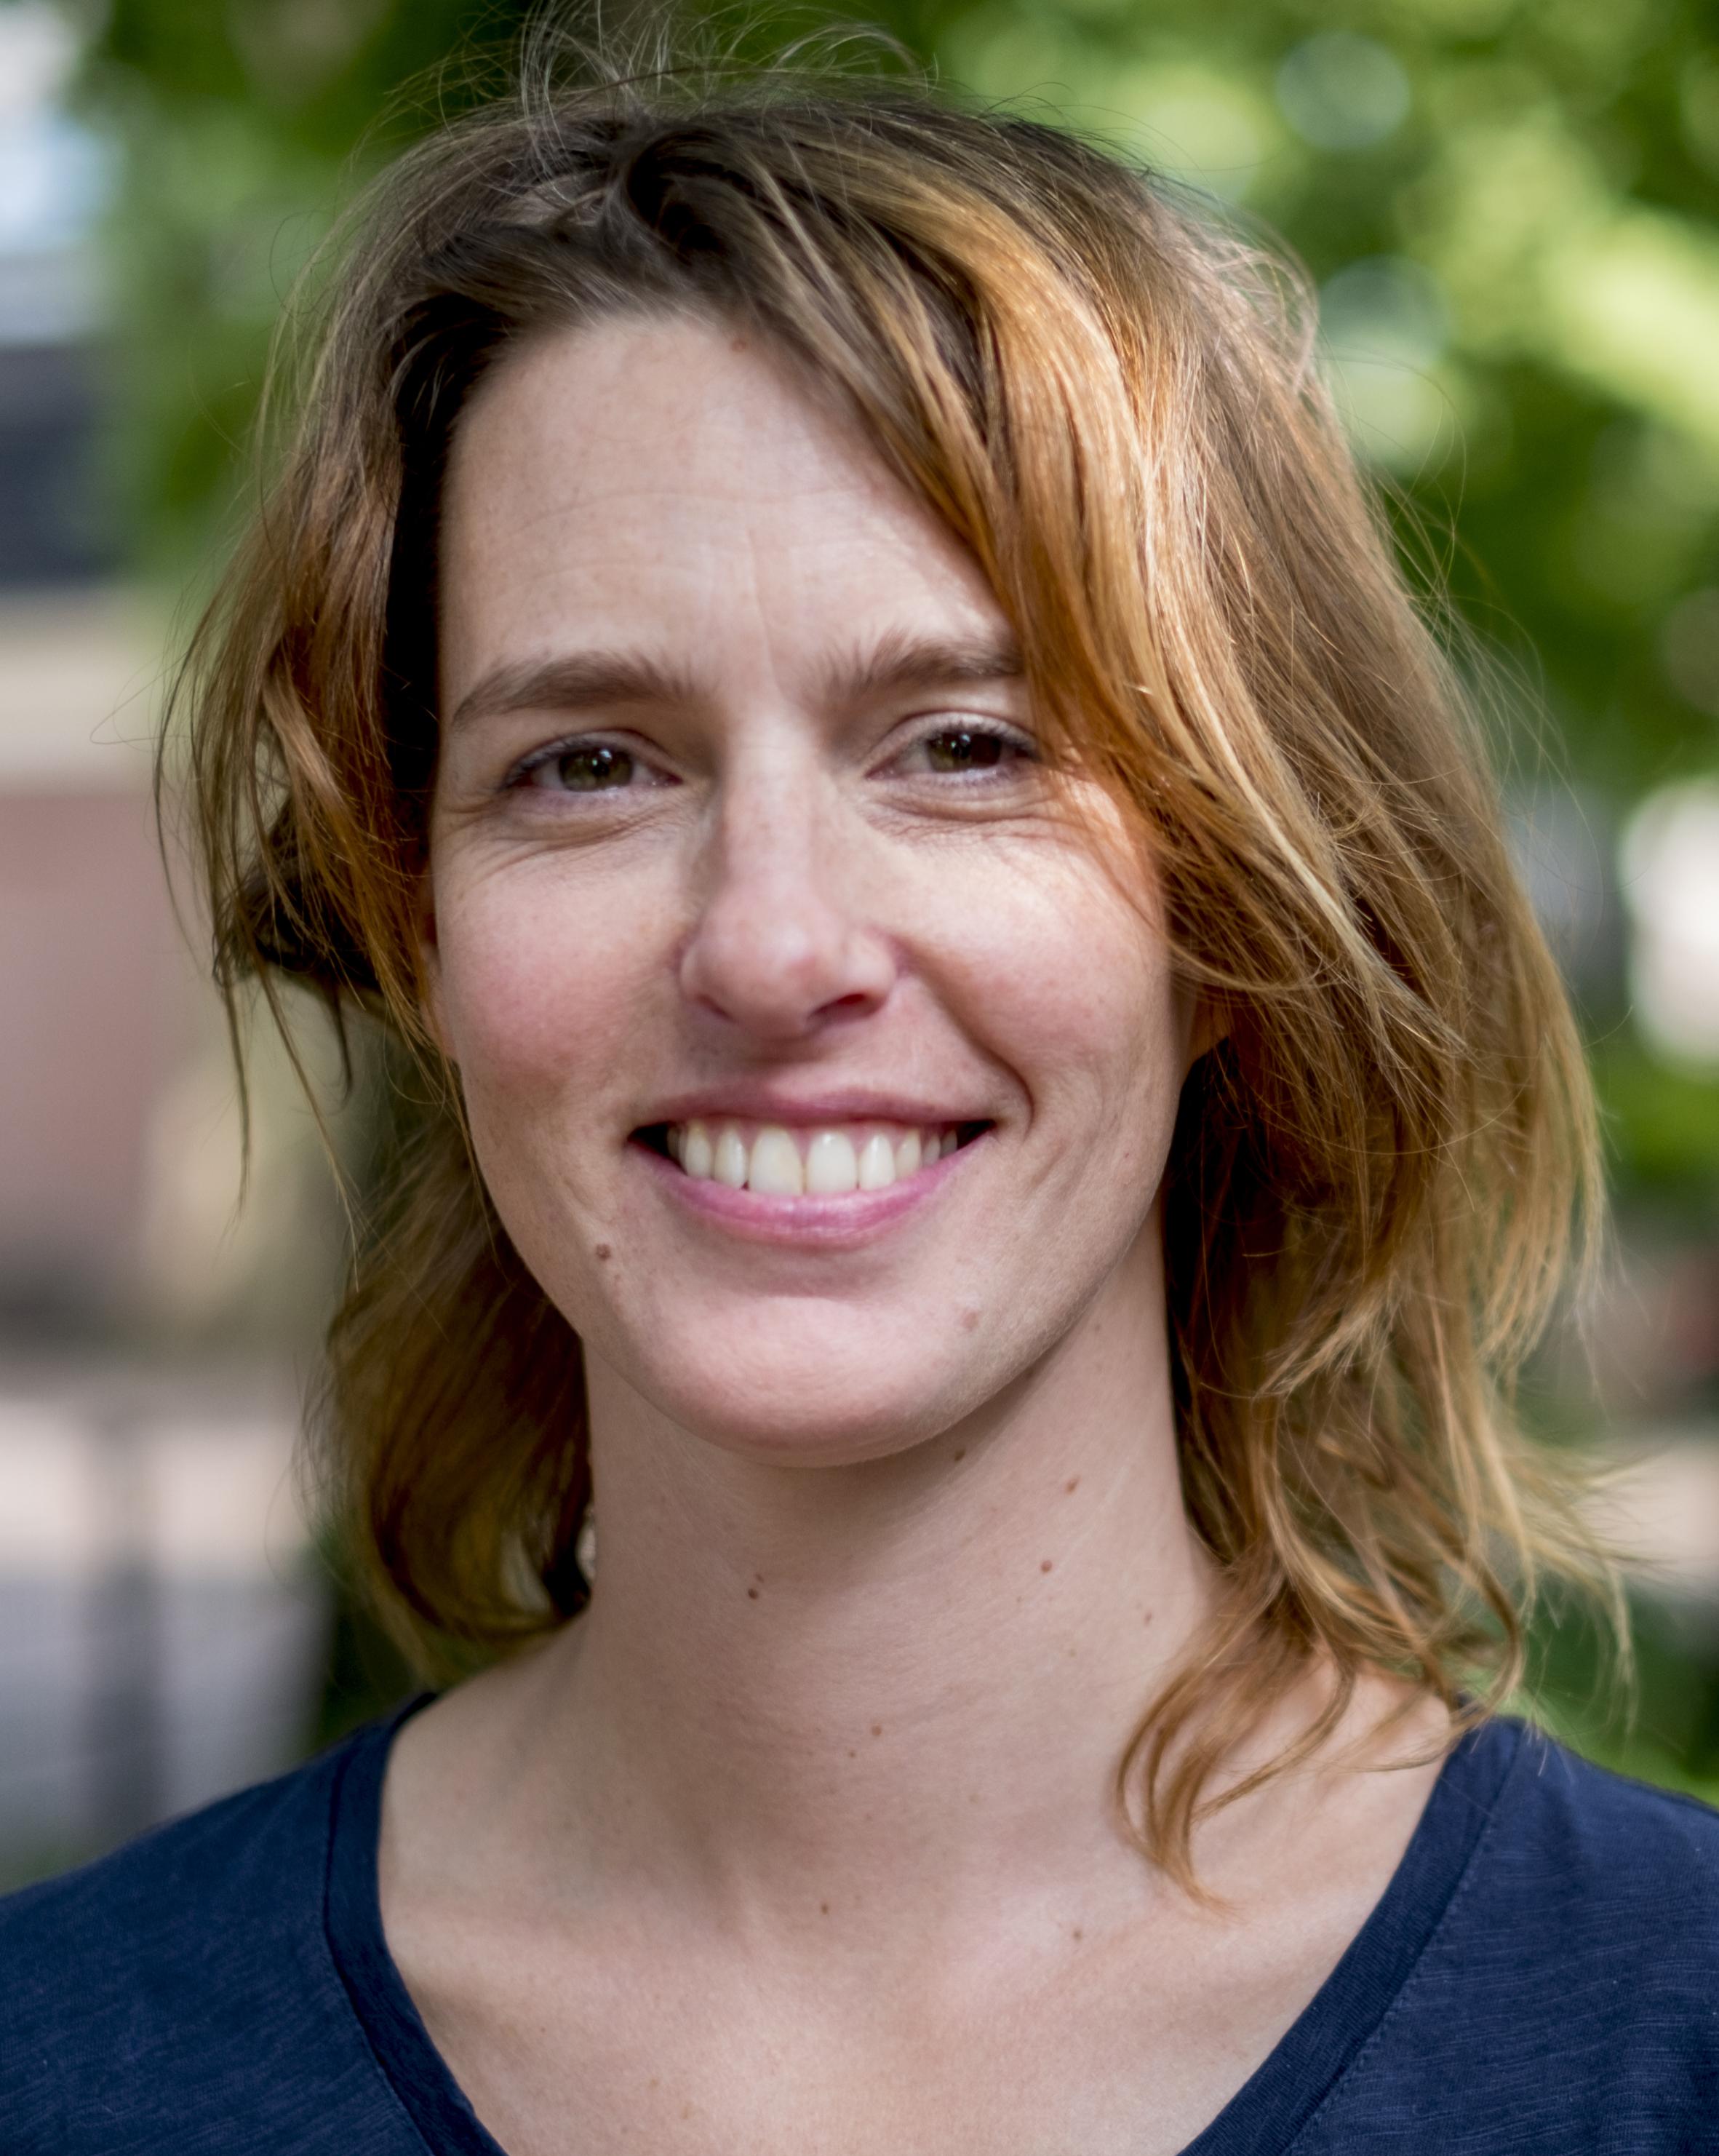 Marijn Moerman - Actor